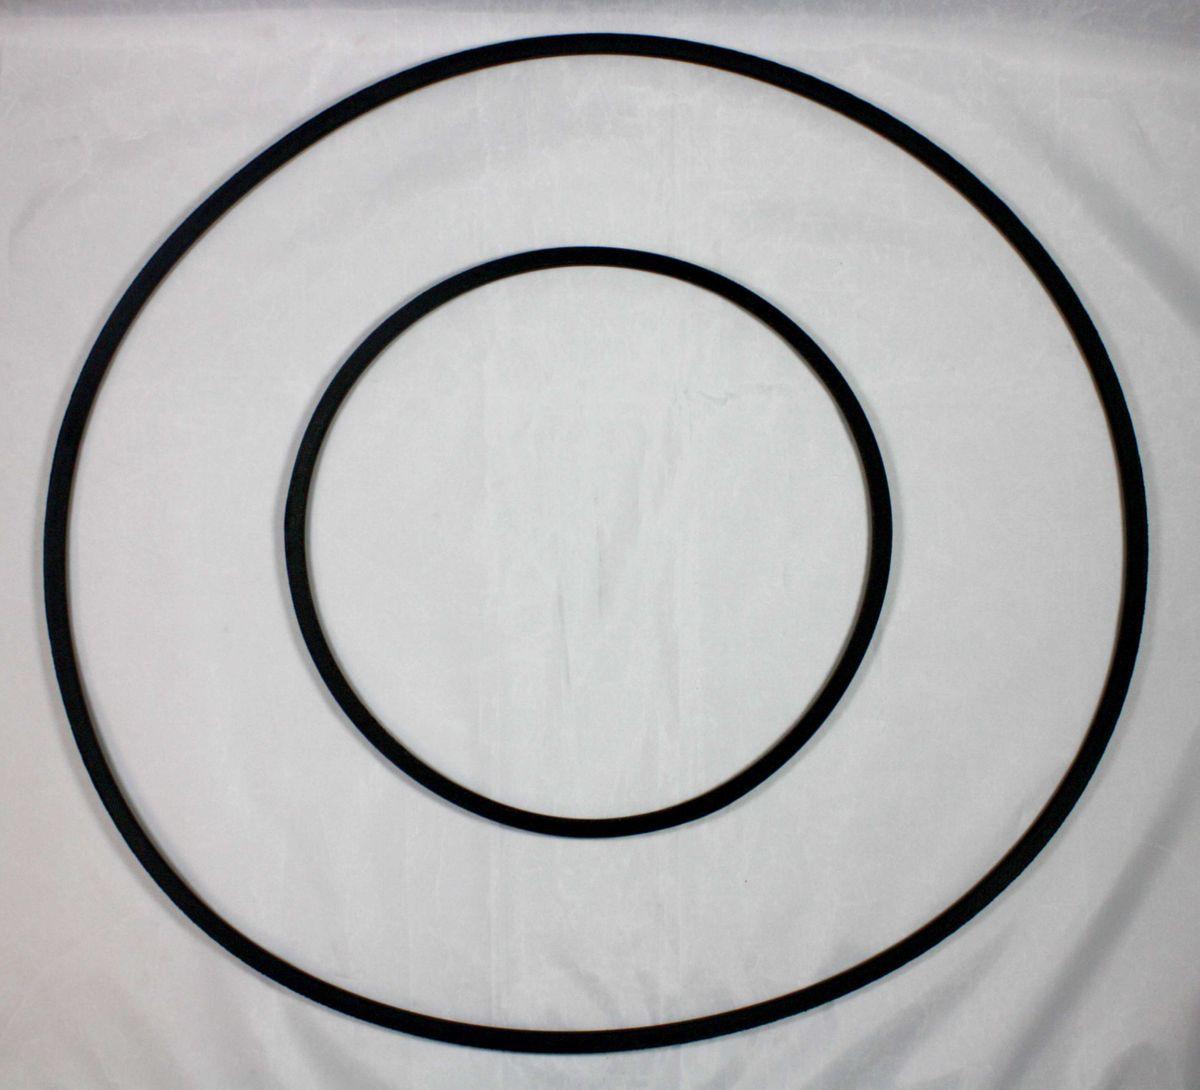 Keilriemen (Antriebsriemen) Satz für die Bandsägenmaschine Elektra Beckum / Metabo BAS 450, 2 teilig – Bild 3